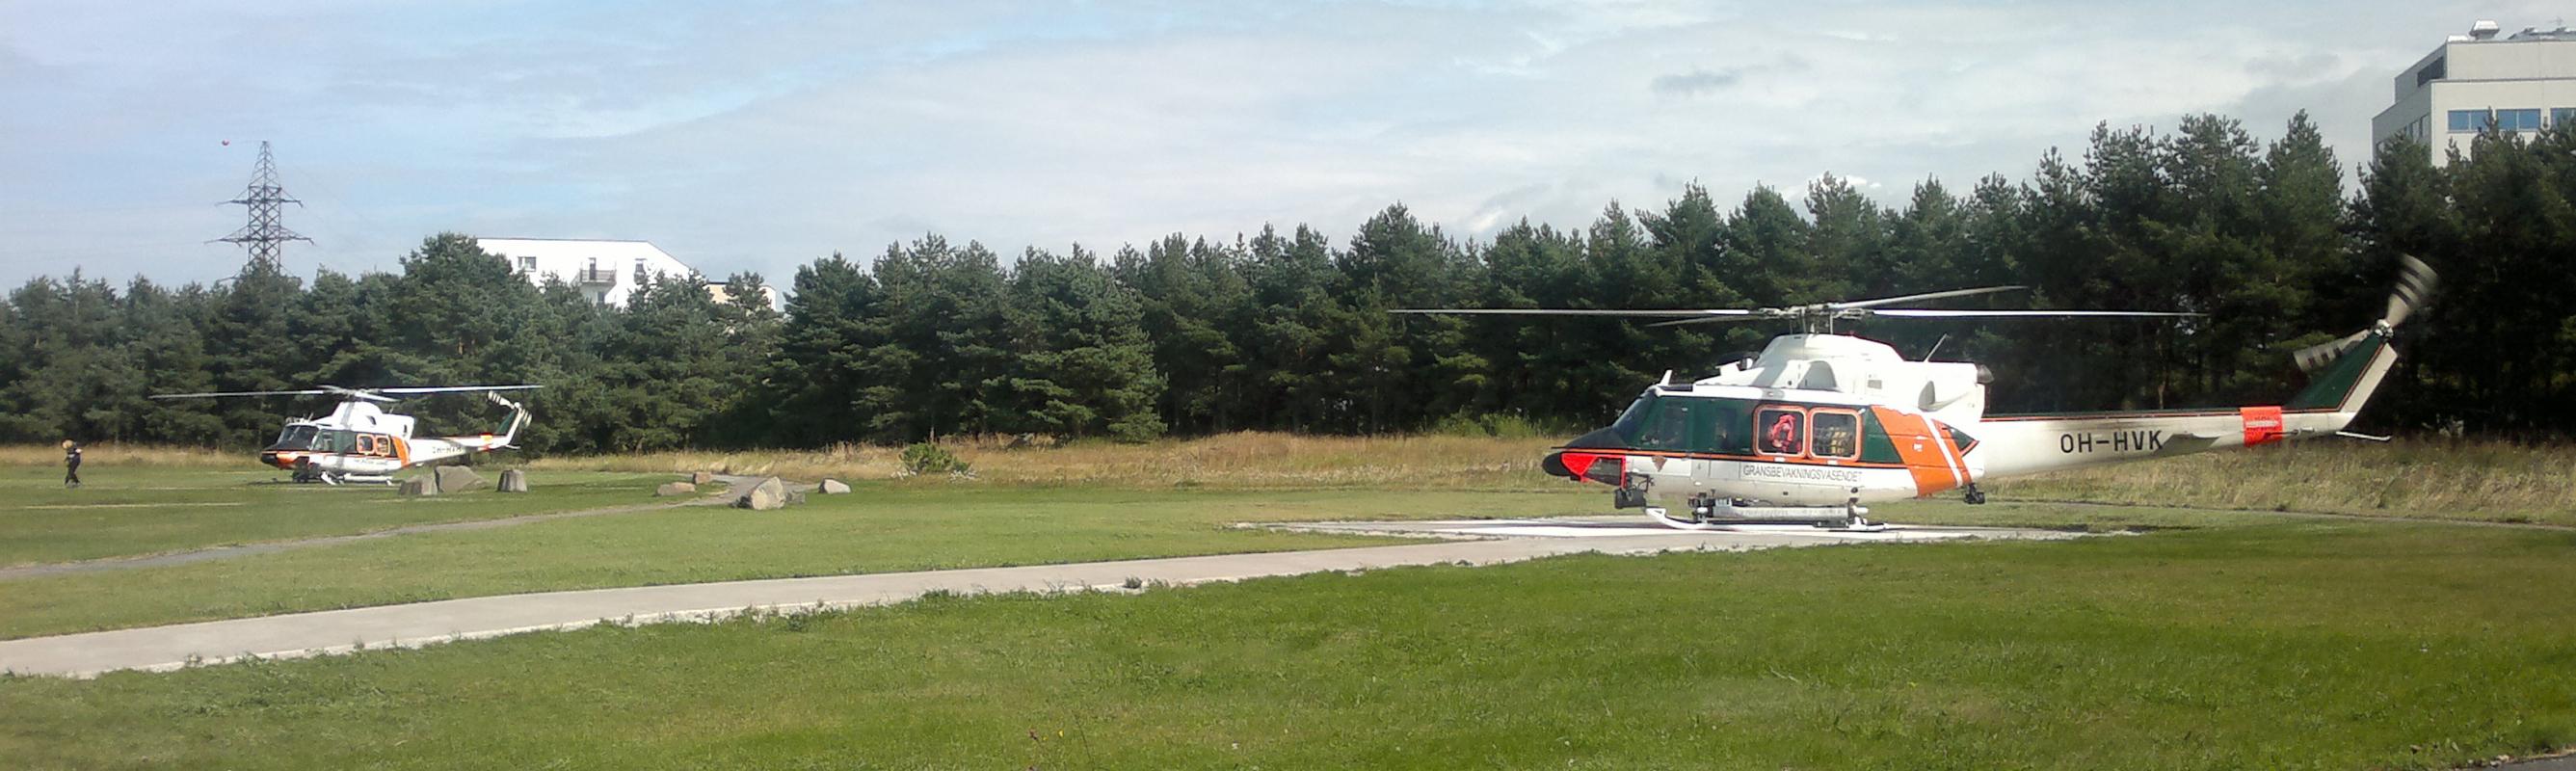 Patsientide transportimiseks kasutatakse ka lennutransporti